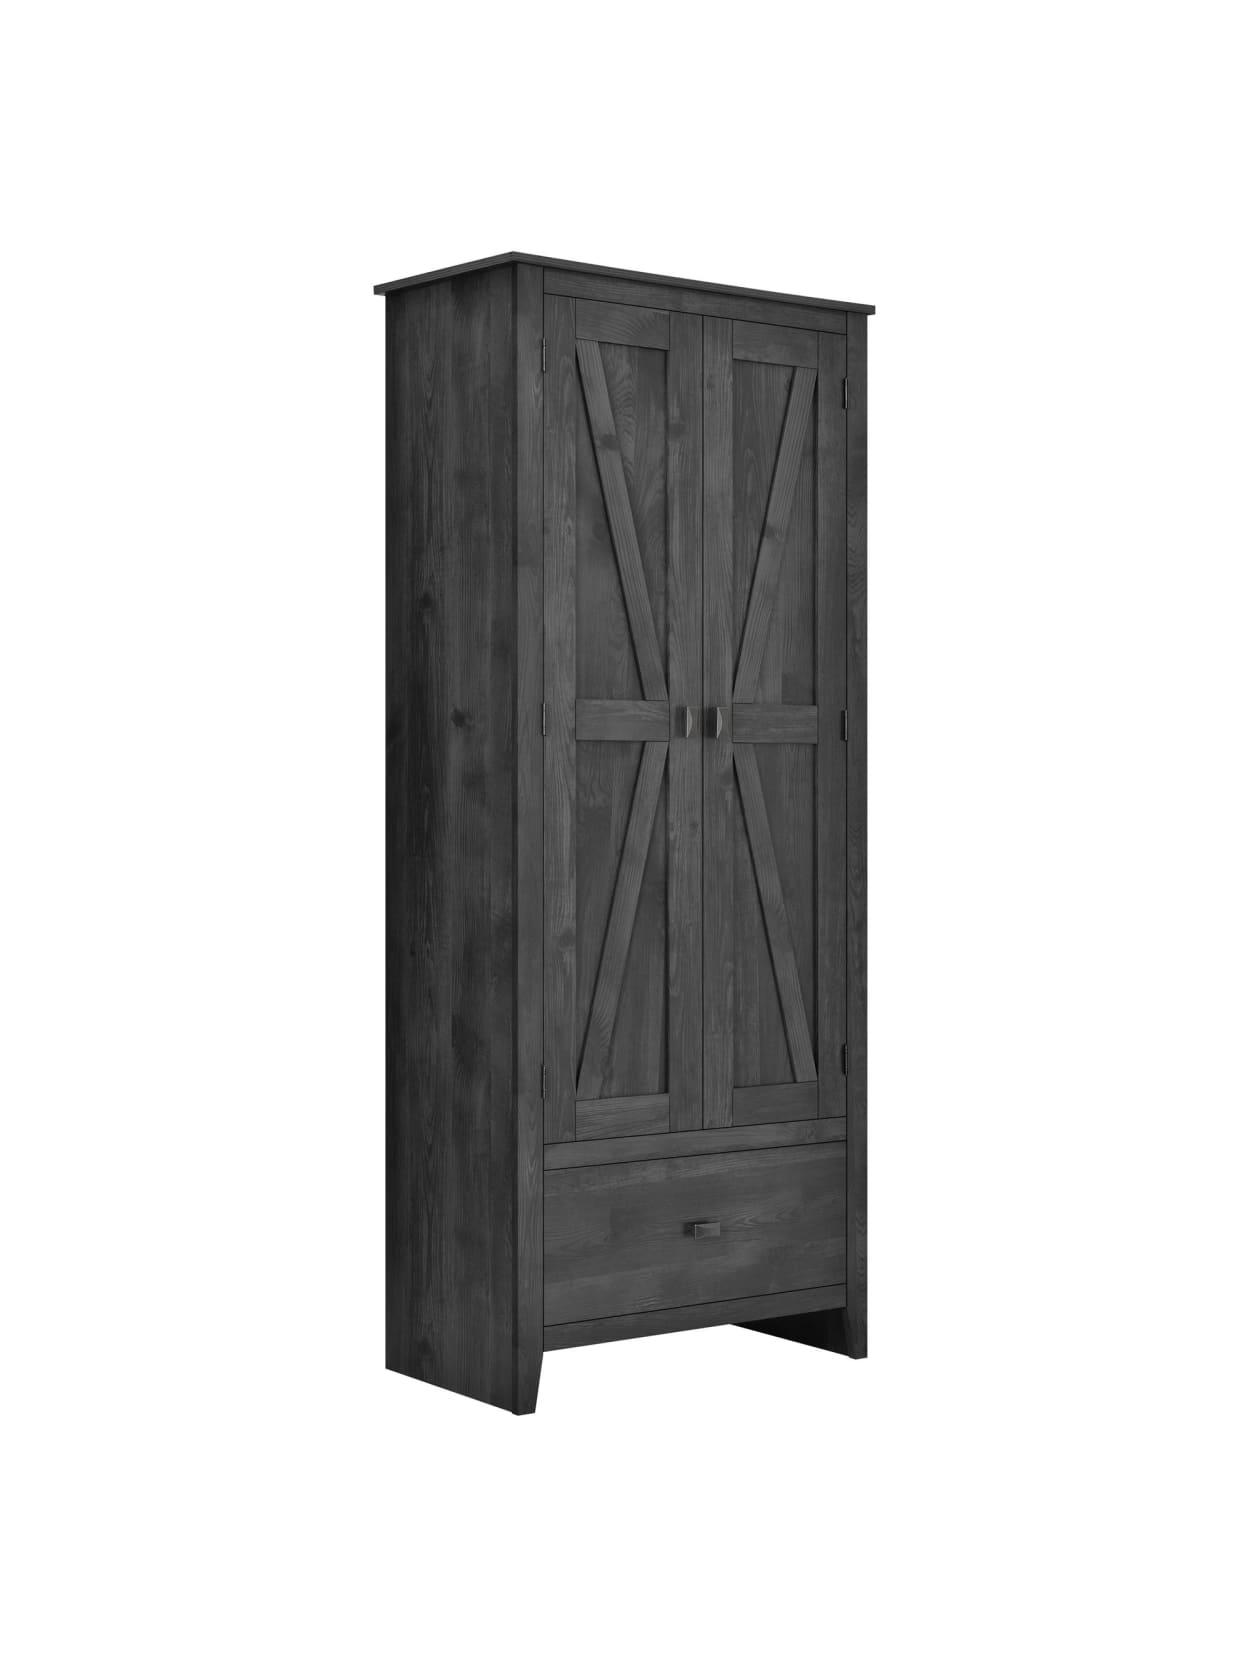 30 Wide Storage Cabinet